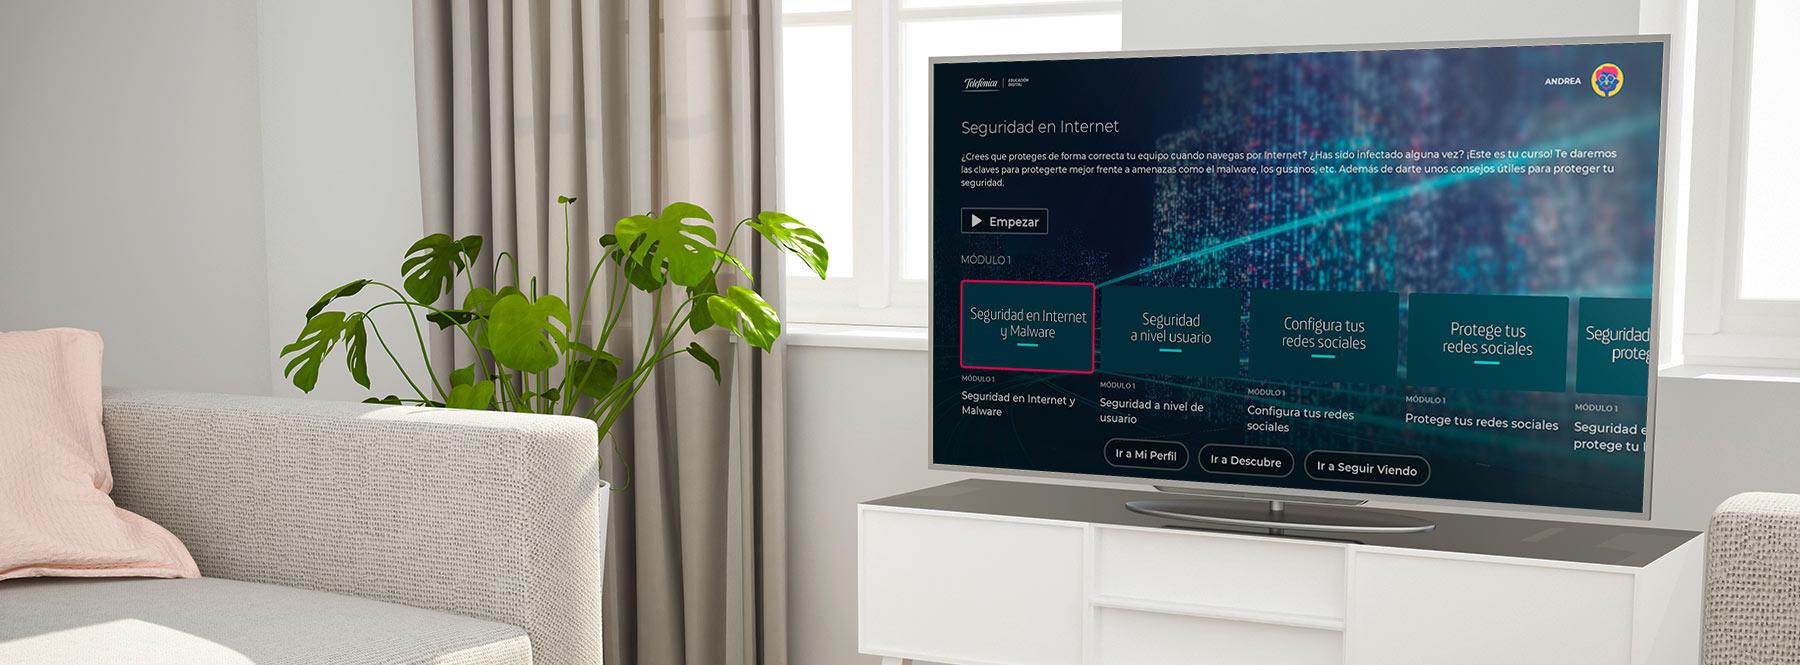 Telefónica Educación Digital: cómo acceder a formación online desde la televisión